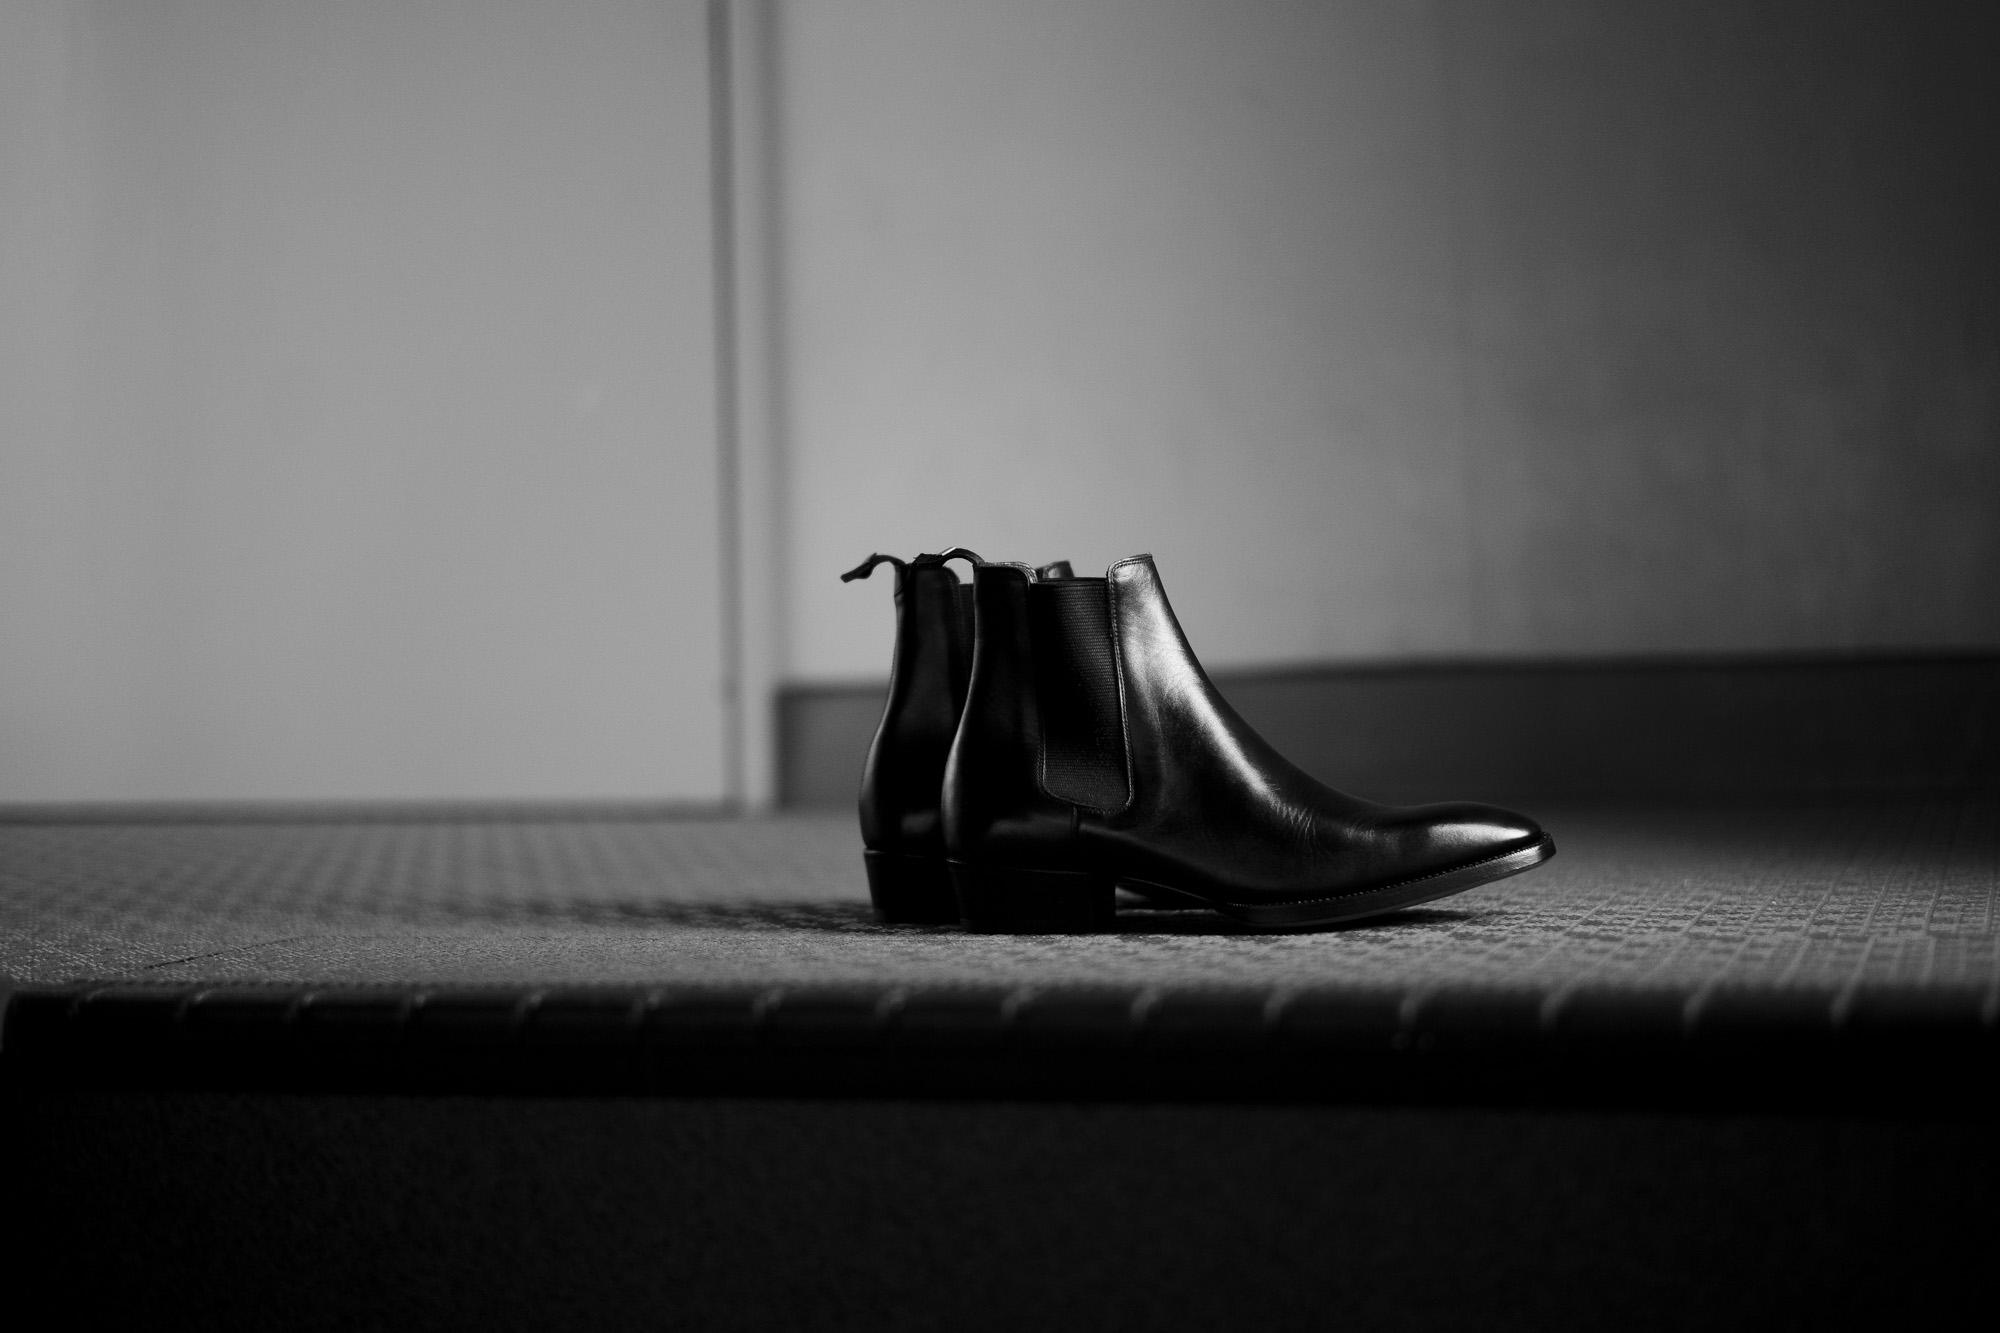 WH(ダブルエイチ) WH-6900 ELVIS Last(エルビスラスト) ANNONAY FUNCHAL Calf Leather サイドゴアブーツ BLACK (ブラック) MADE IN JAPAN (日本製) 2021 秋冬 【ご予約受付中】愛知 名古屋 Alto e Diritto altoediritto アルトエデリット